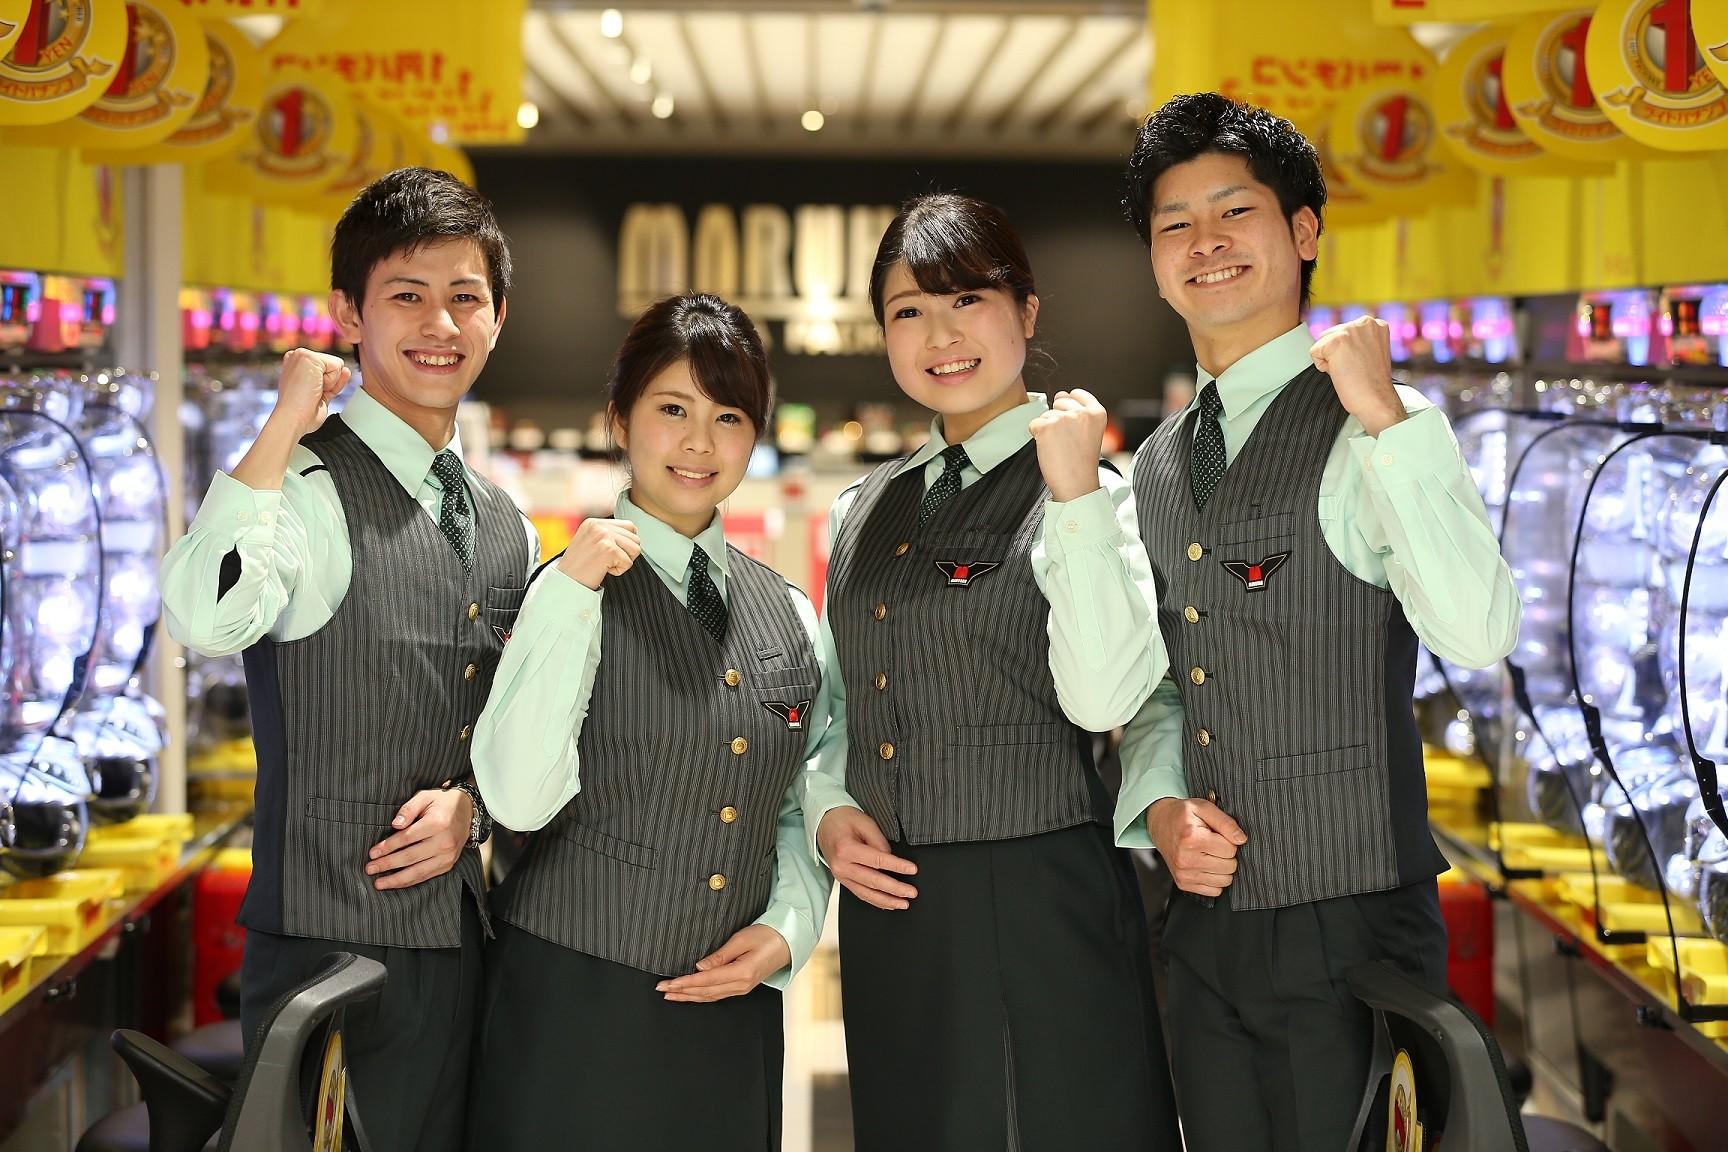 マルハン 上小田井駅前店[2209]のイメージ